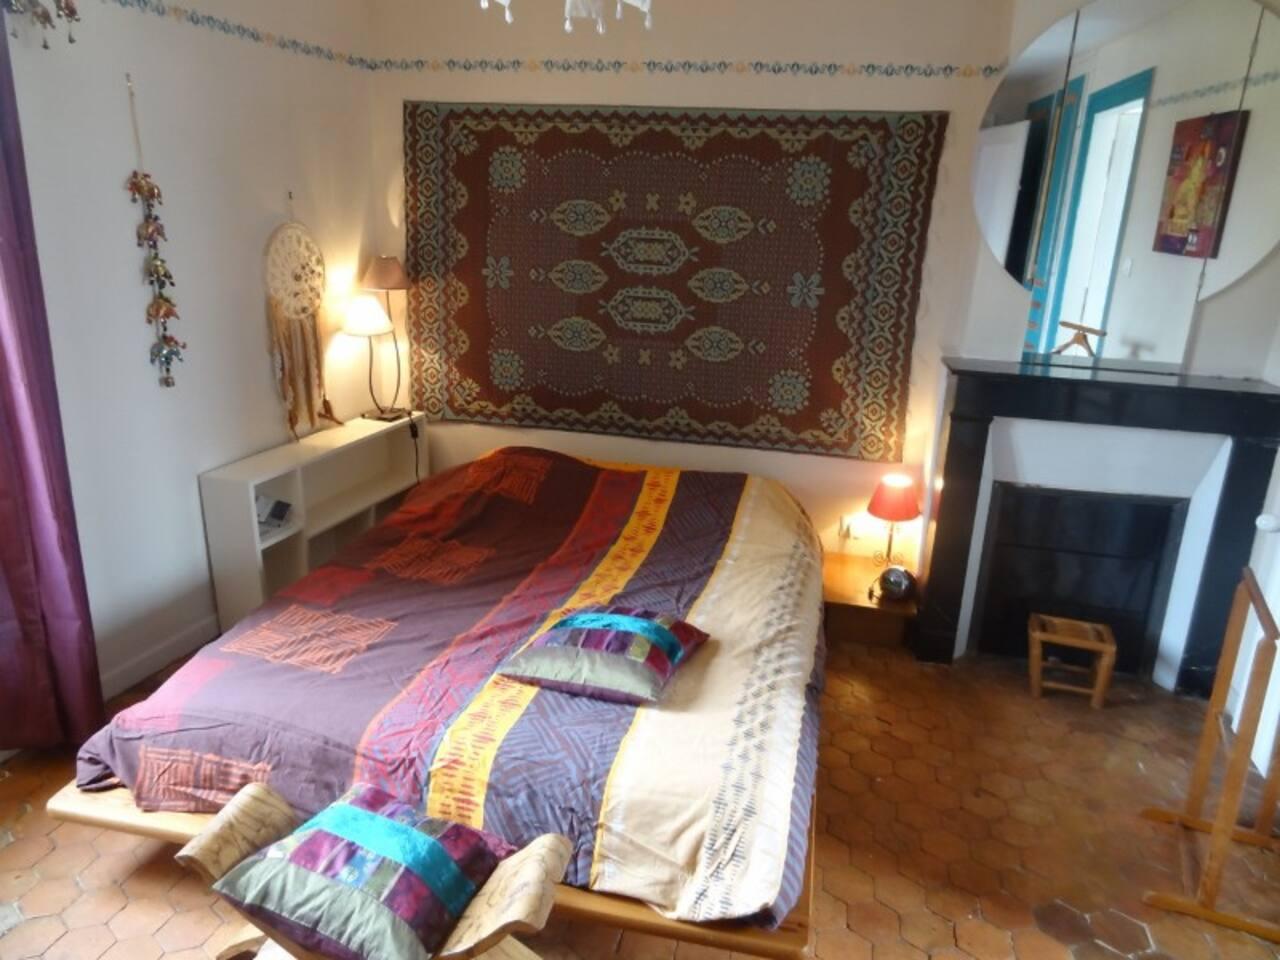 La chambre lit matelas deux personnes